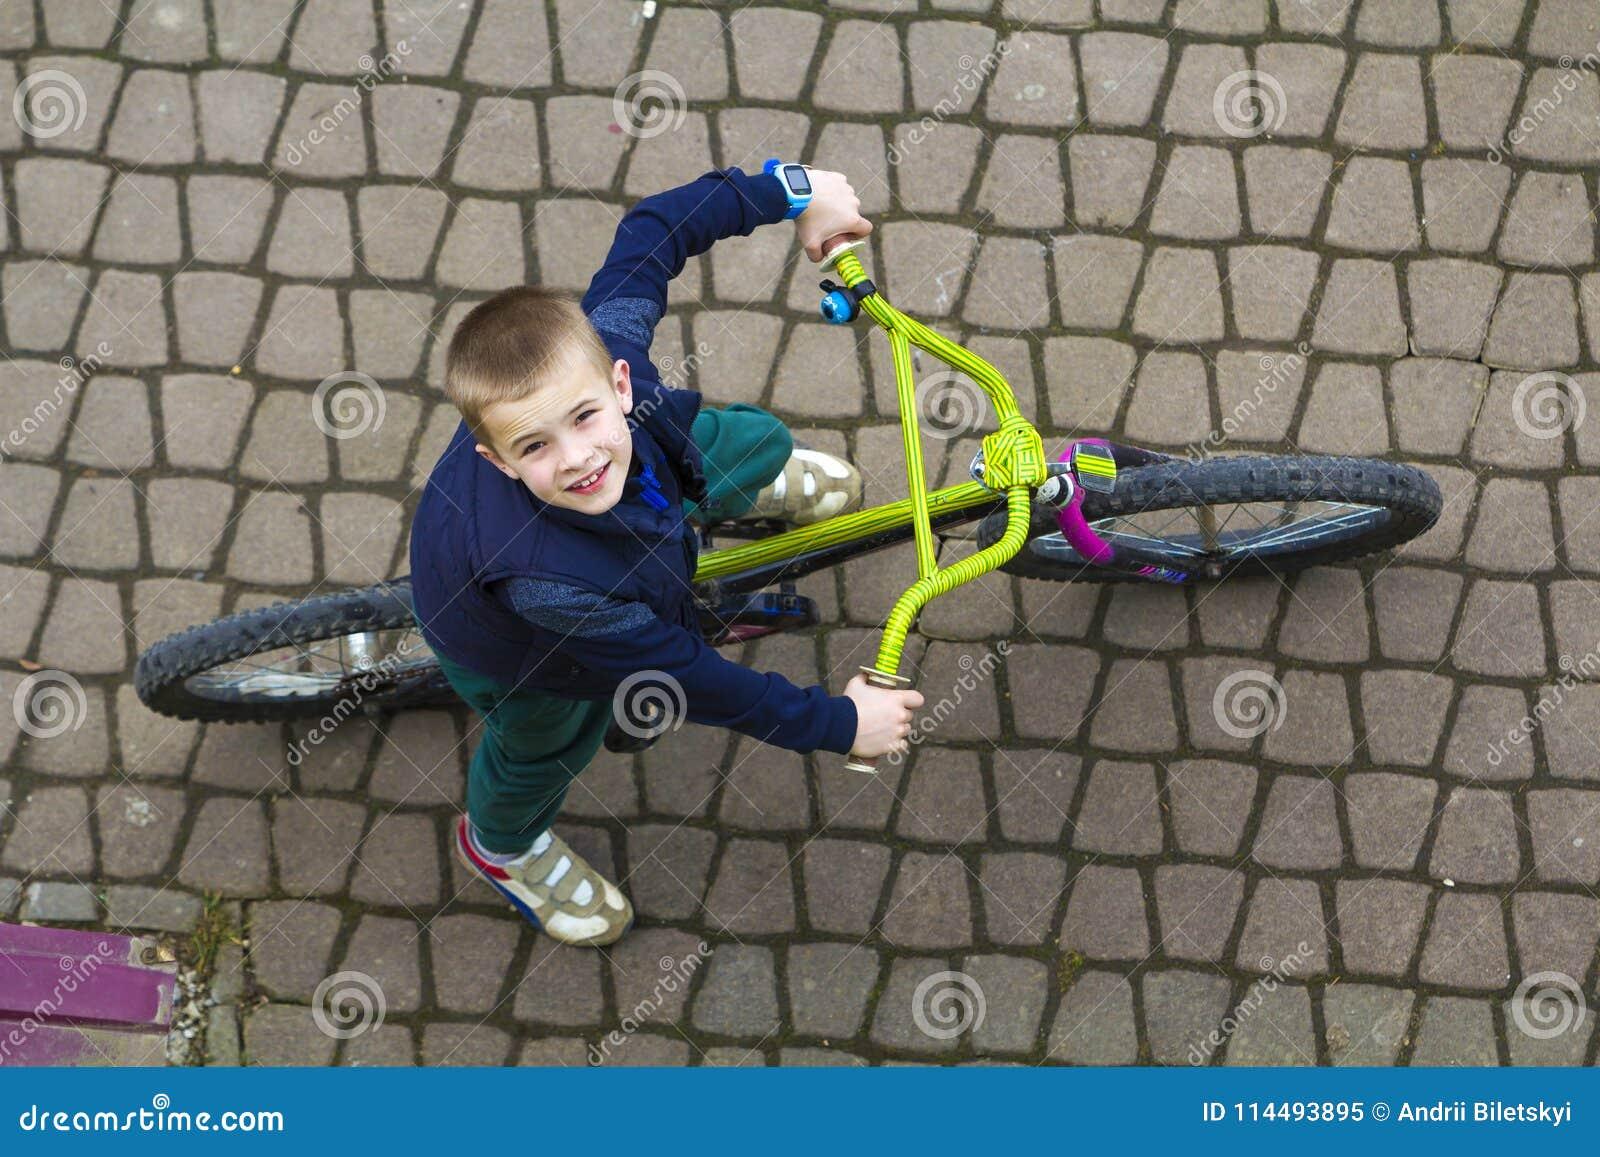 骑自行车的英俊的年轻微笑的男孩顶视图在向上看凉快的春日 户外活动 健康生活方式a